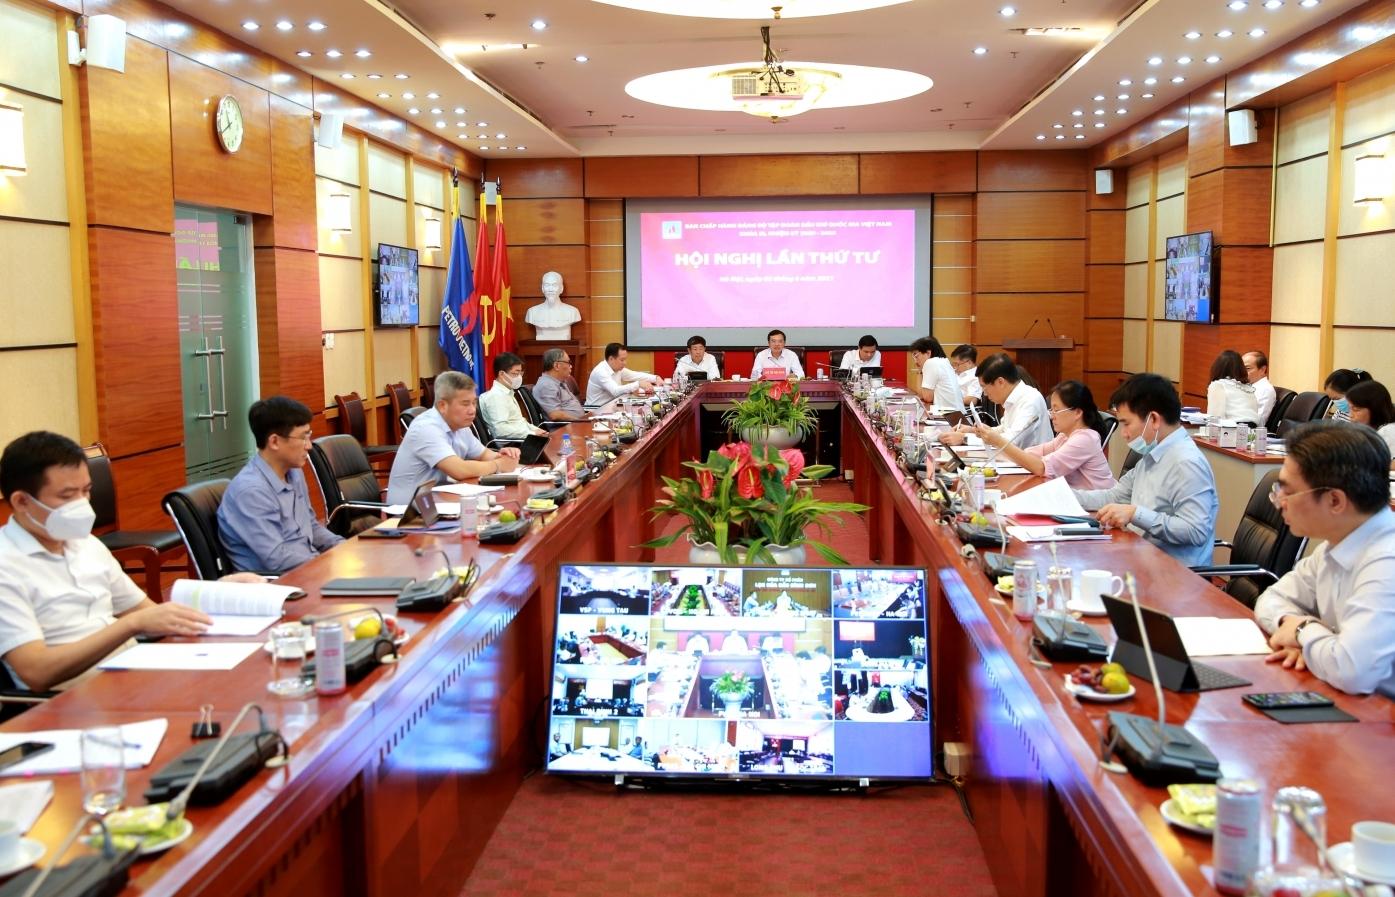 Đảng bộ Tập đoàn Dầu khí Quốc gia Việt Nam: Hội nghị Ban Chấp hành lần thứ 4, khóa III, nhiệm kỳ 2020-2025